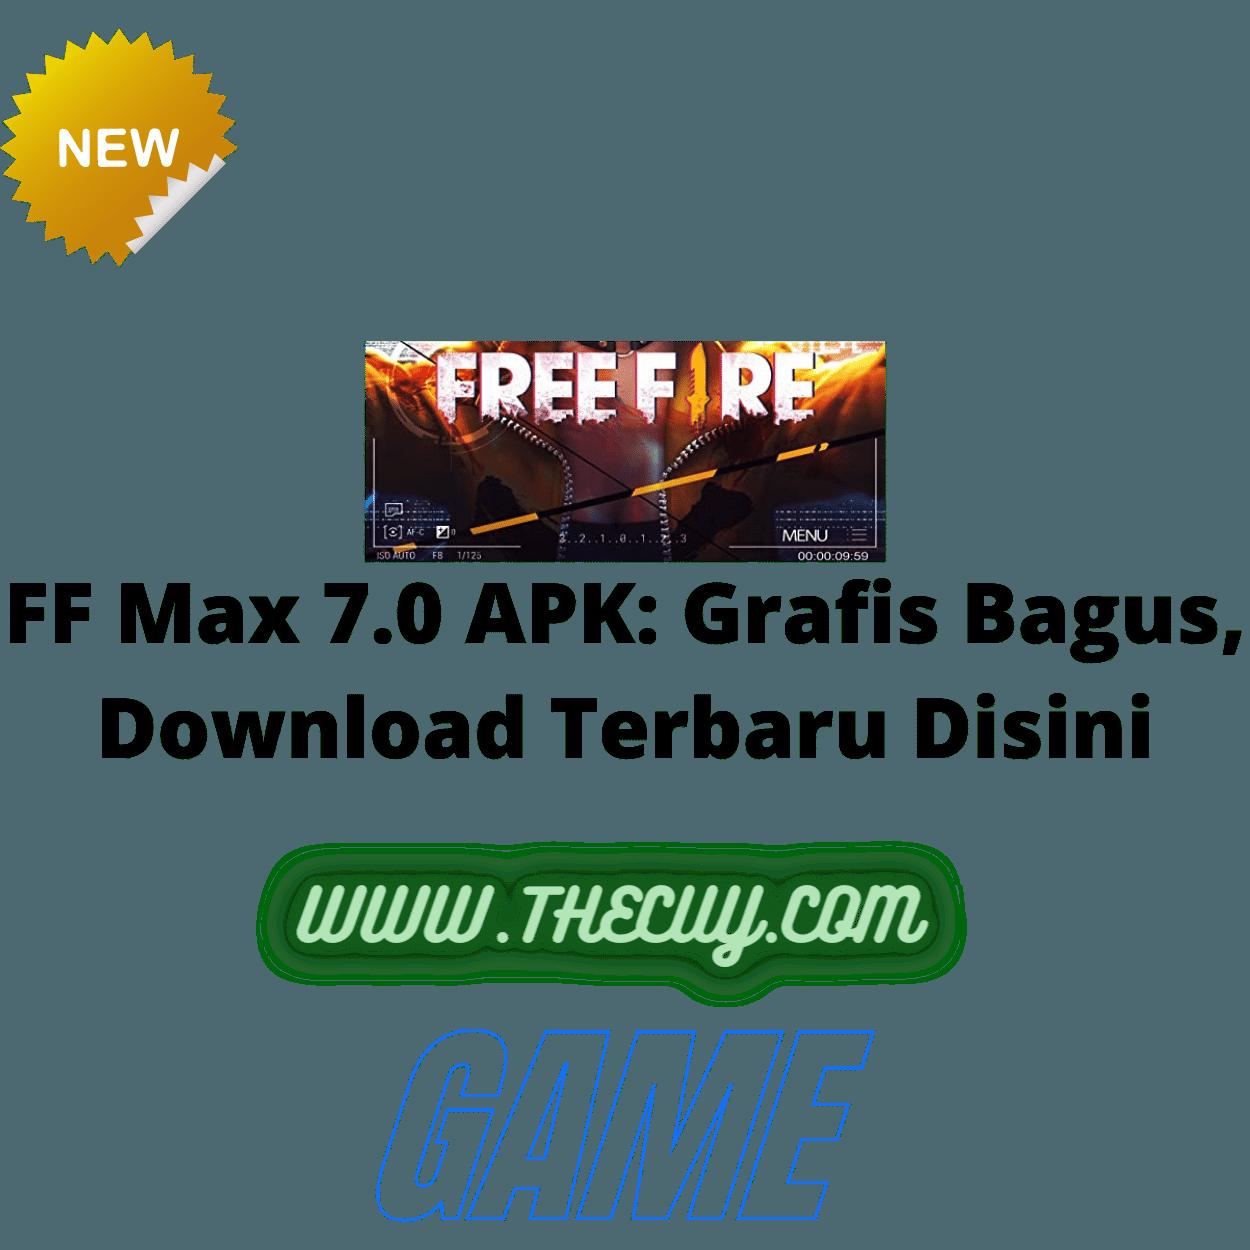 FF Max 7.0 APK: Grafis Bagus, Download Terbaru Disini